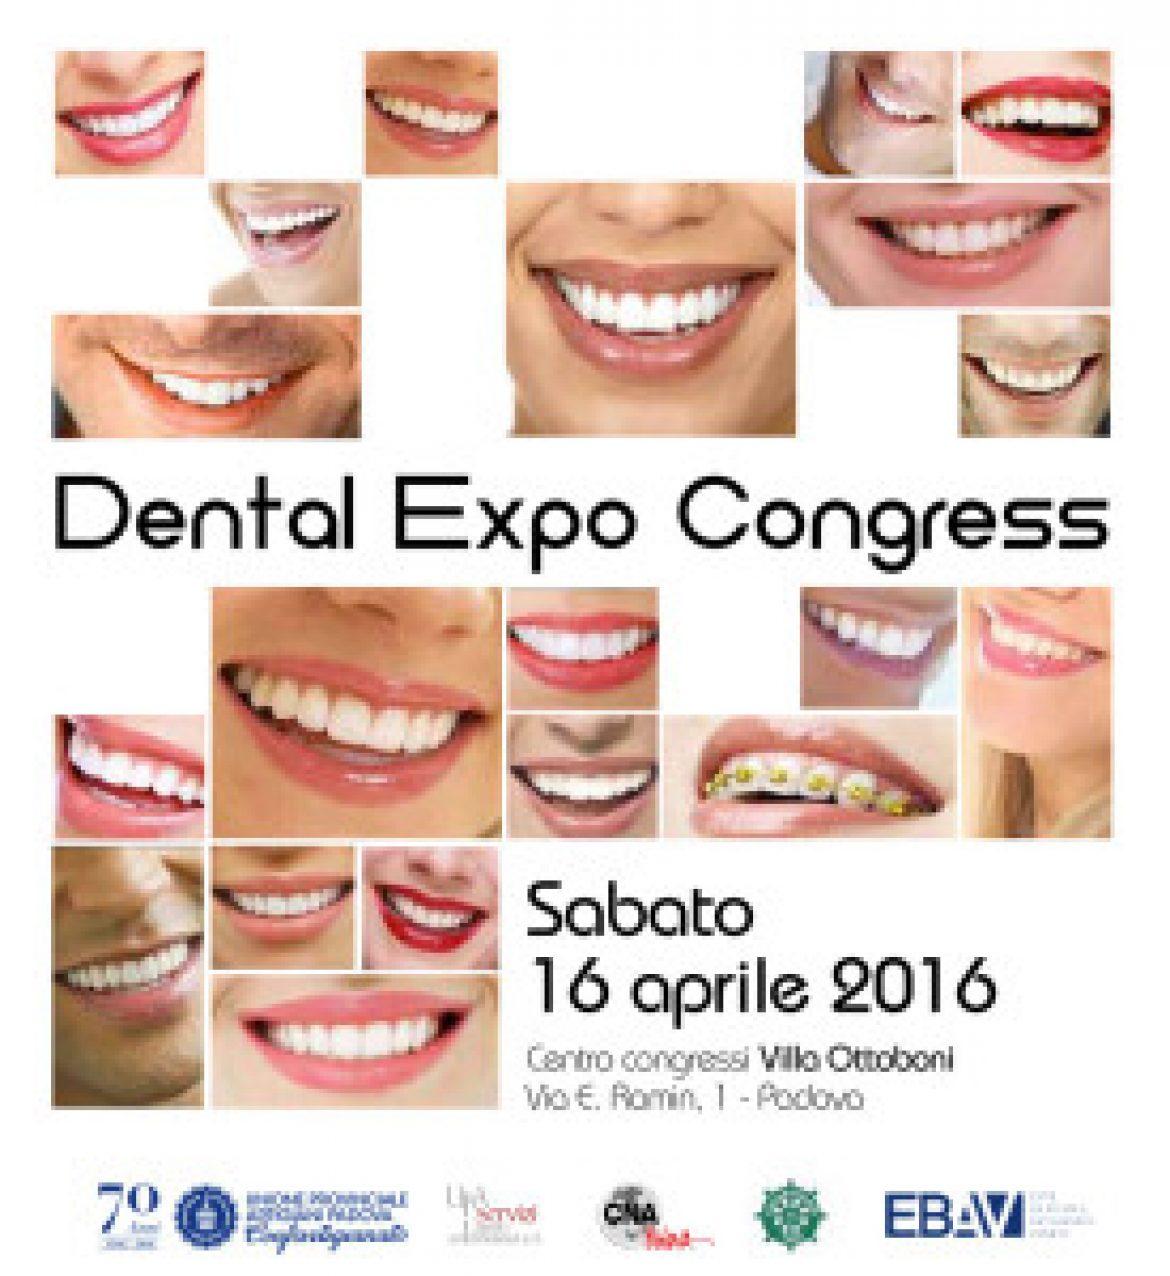 Dental Expo Congress: l'appuntamento annuale in Veneto che conferma il valore della collaborazione tra medici e tecnici